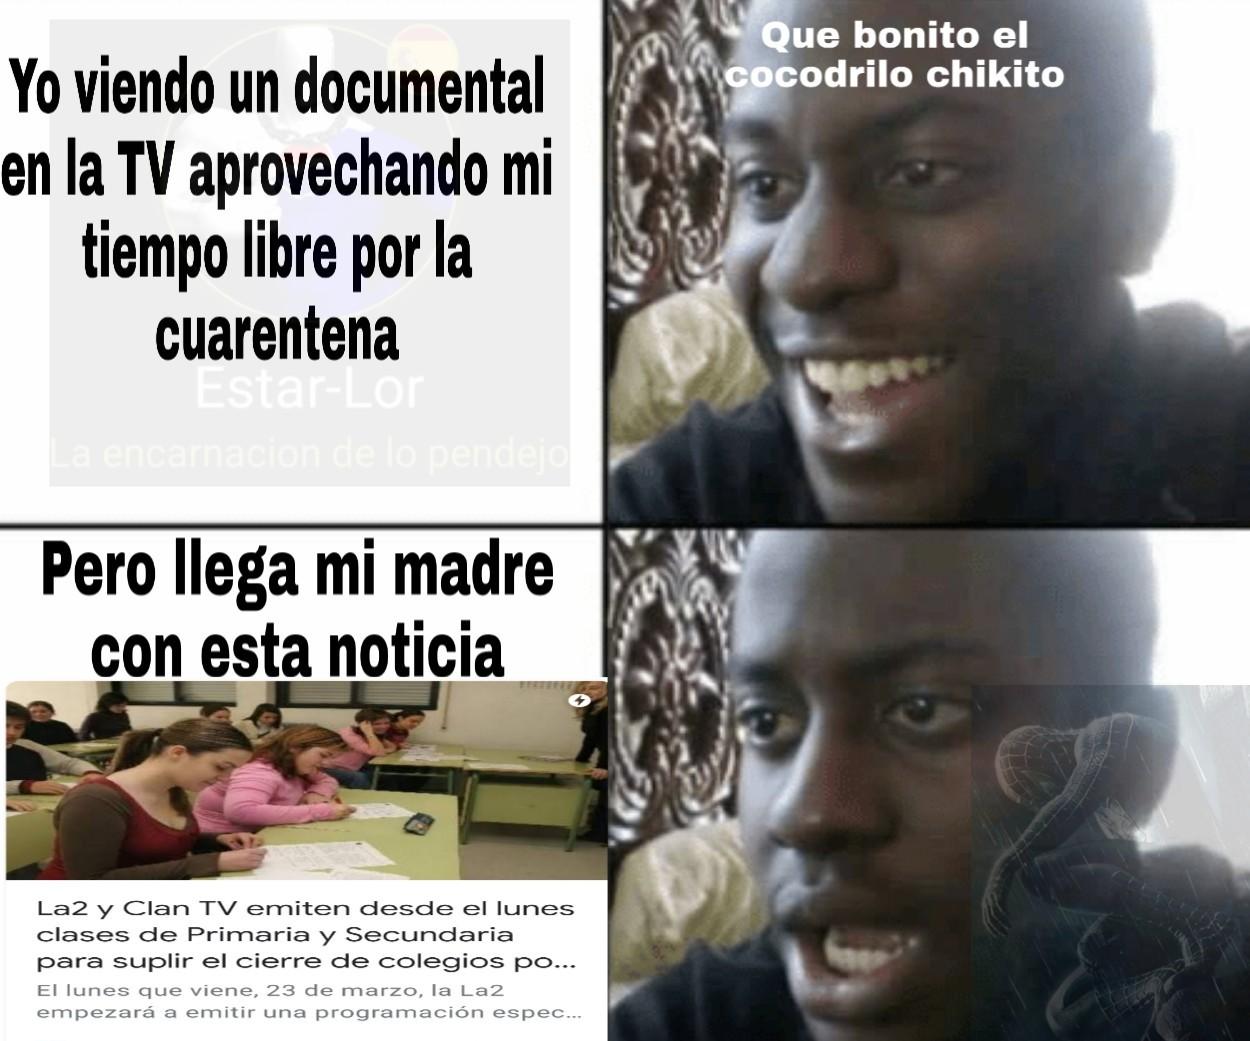 NooOo0O0OoooOo00Ooo - meme